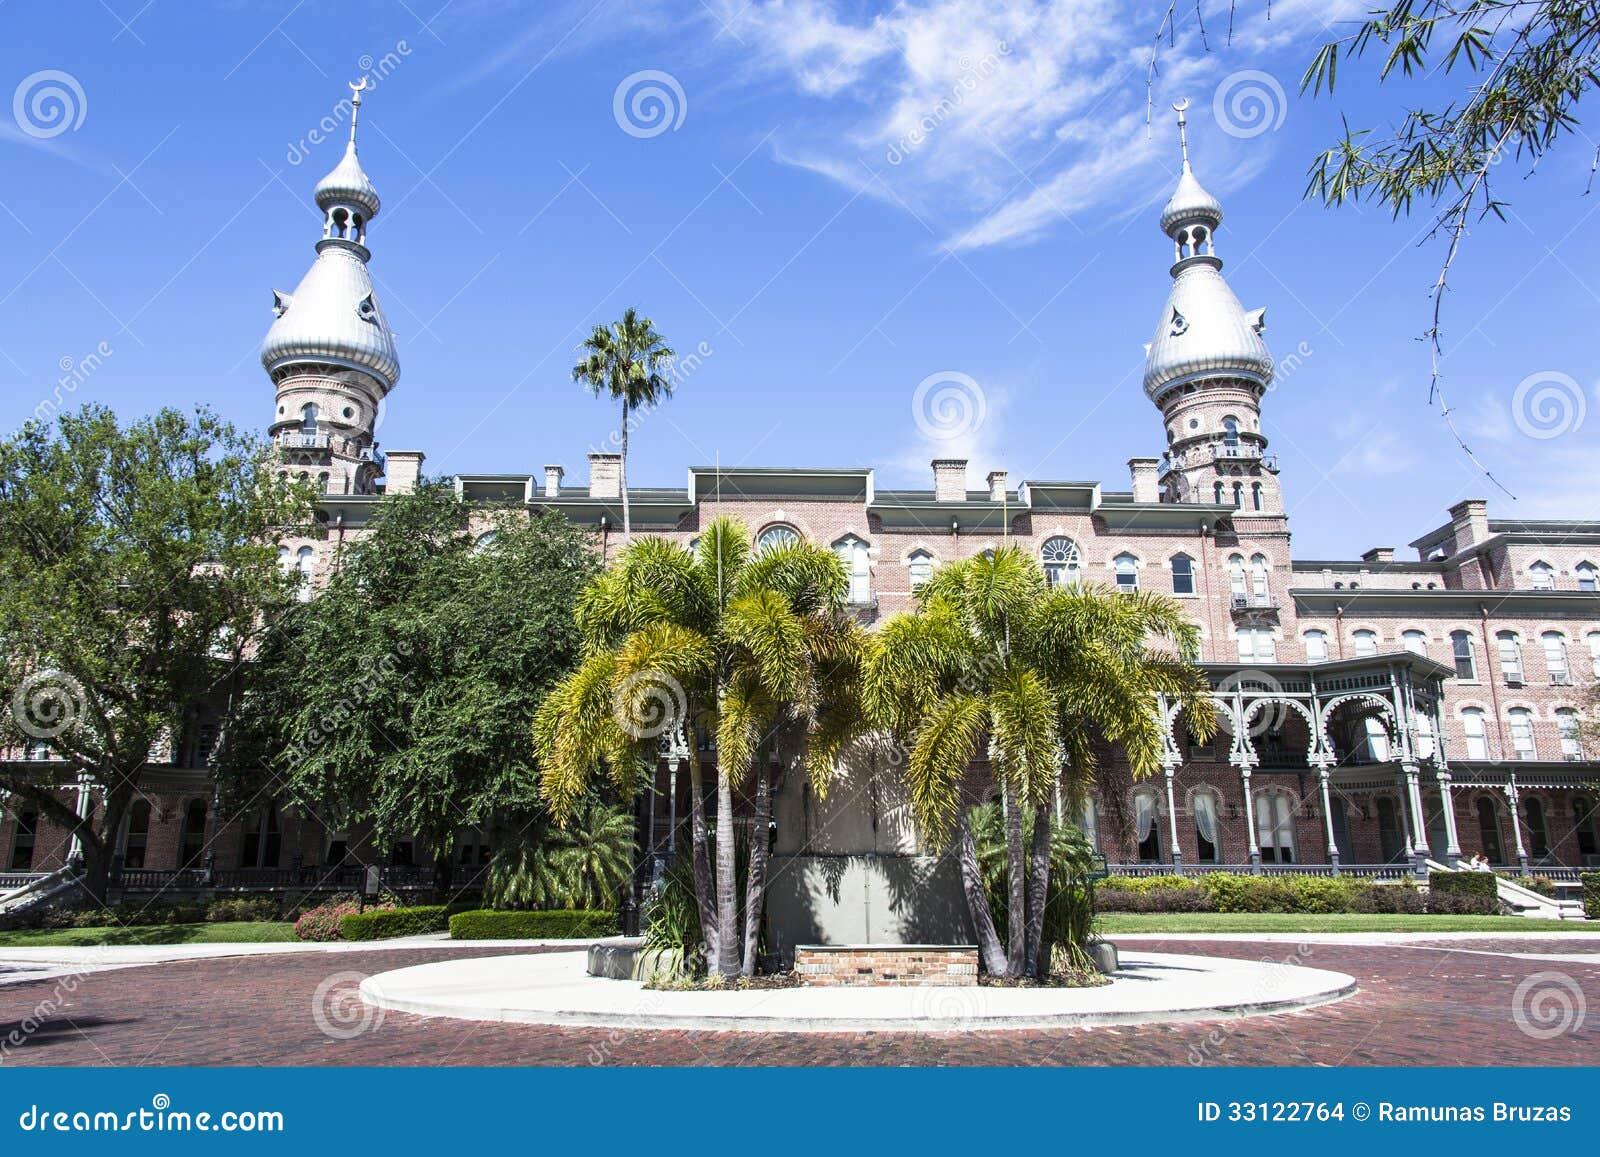 Tampa historia